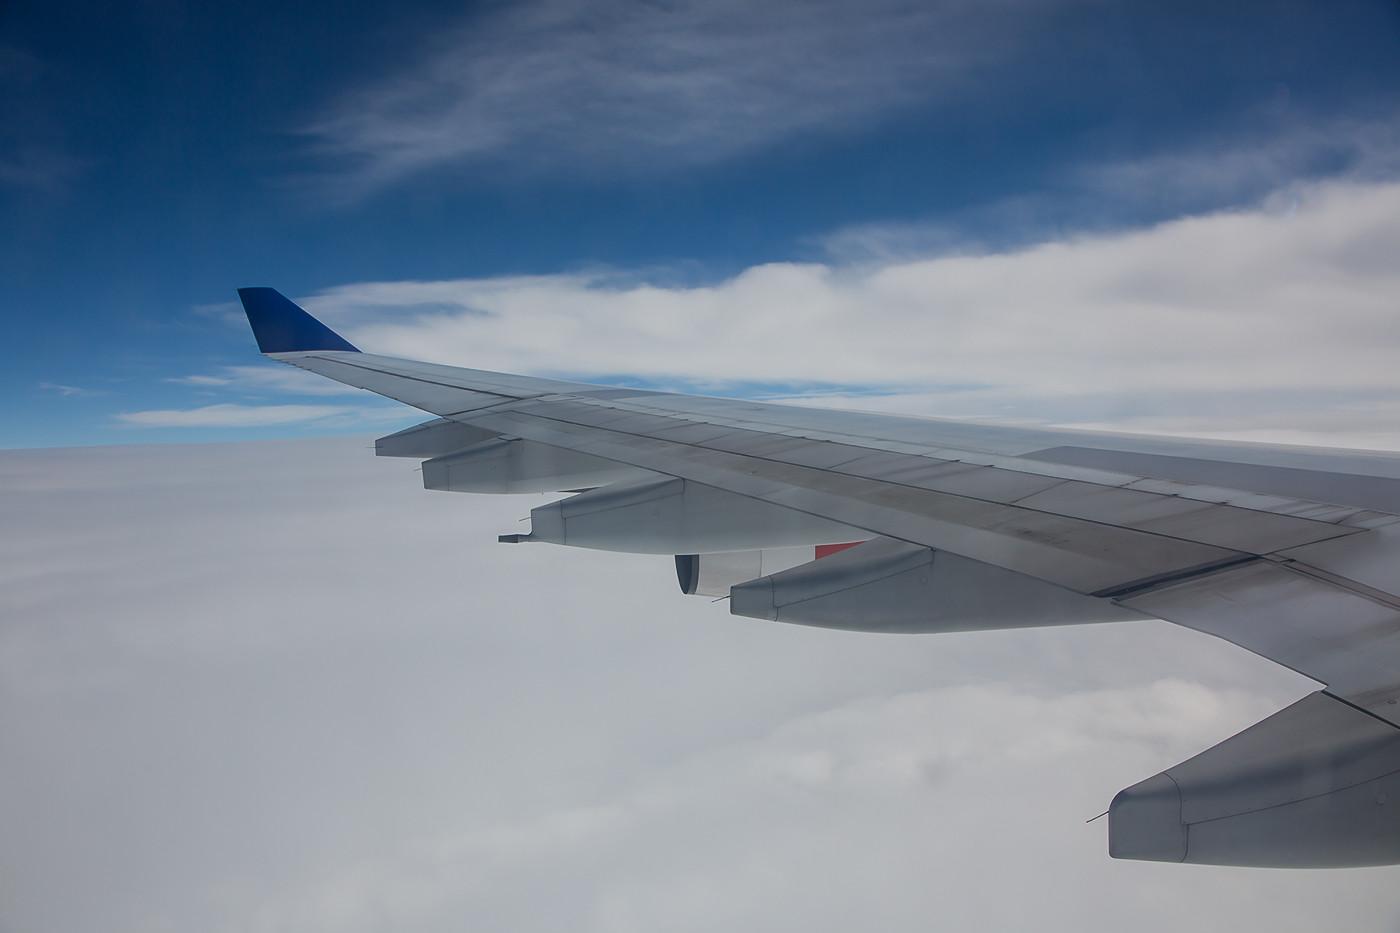 Der Anflug auf Narita begann immer noch über einer geschlossenen Wolkendecke.